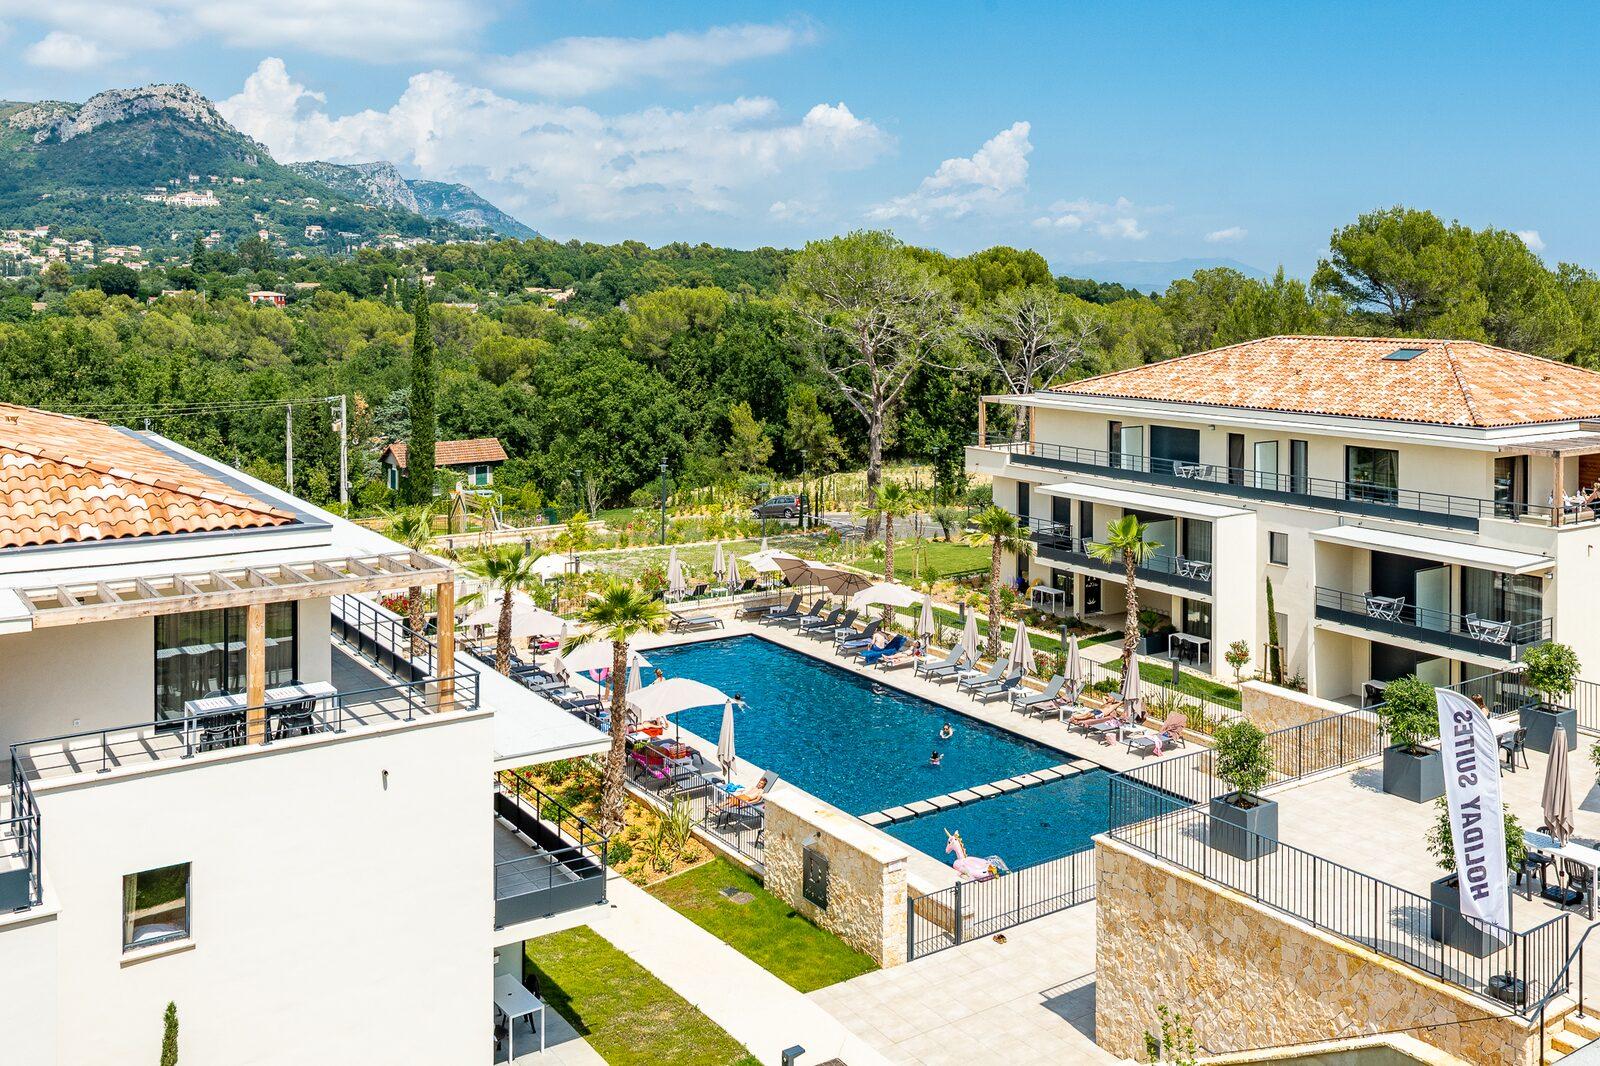 Résidence hôtelière sur la Côte d'Azur à Evancy Vence